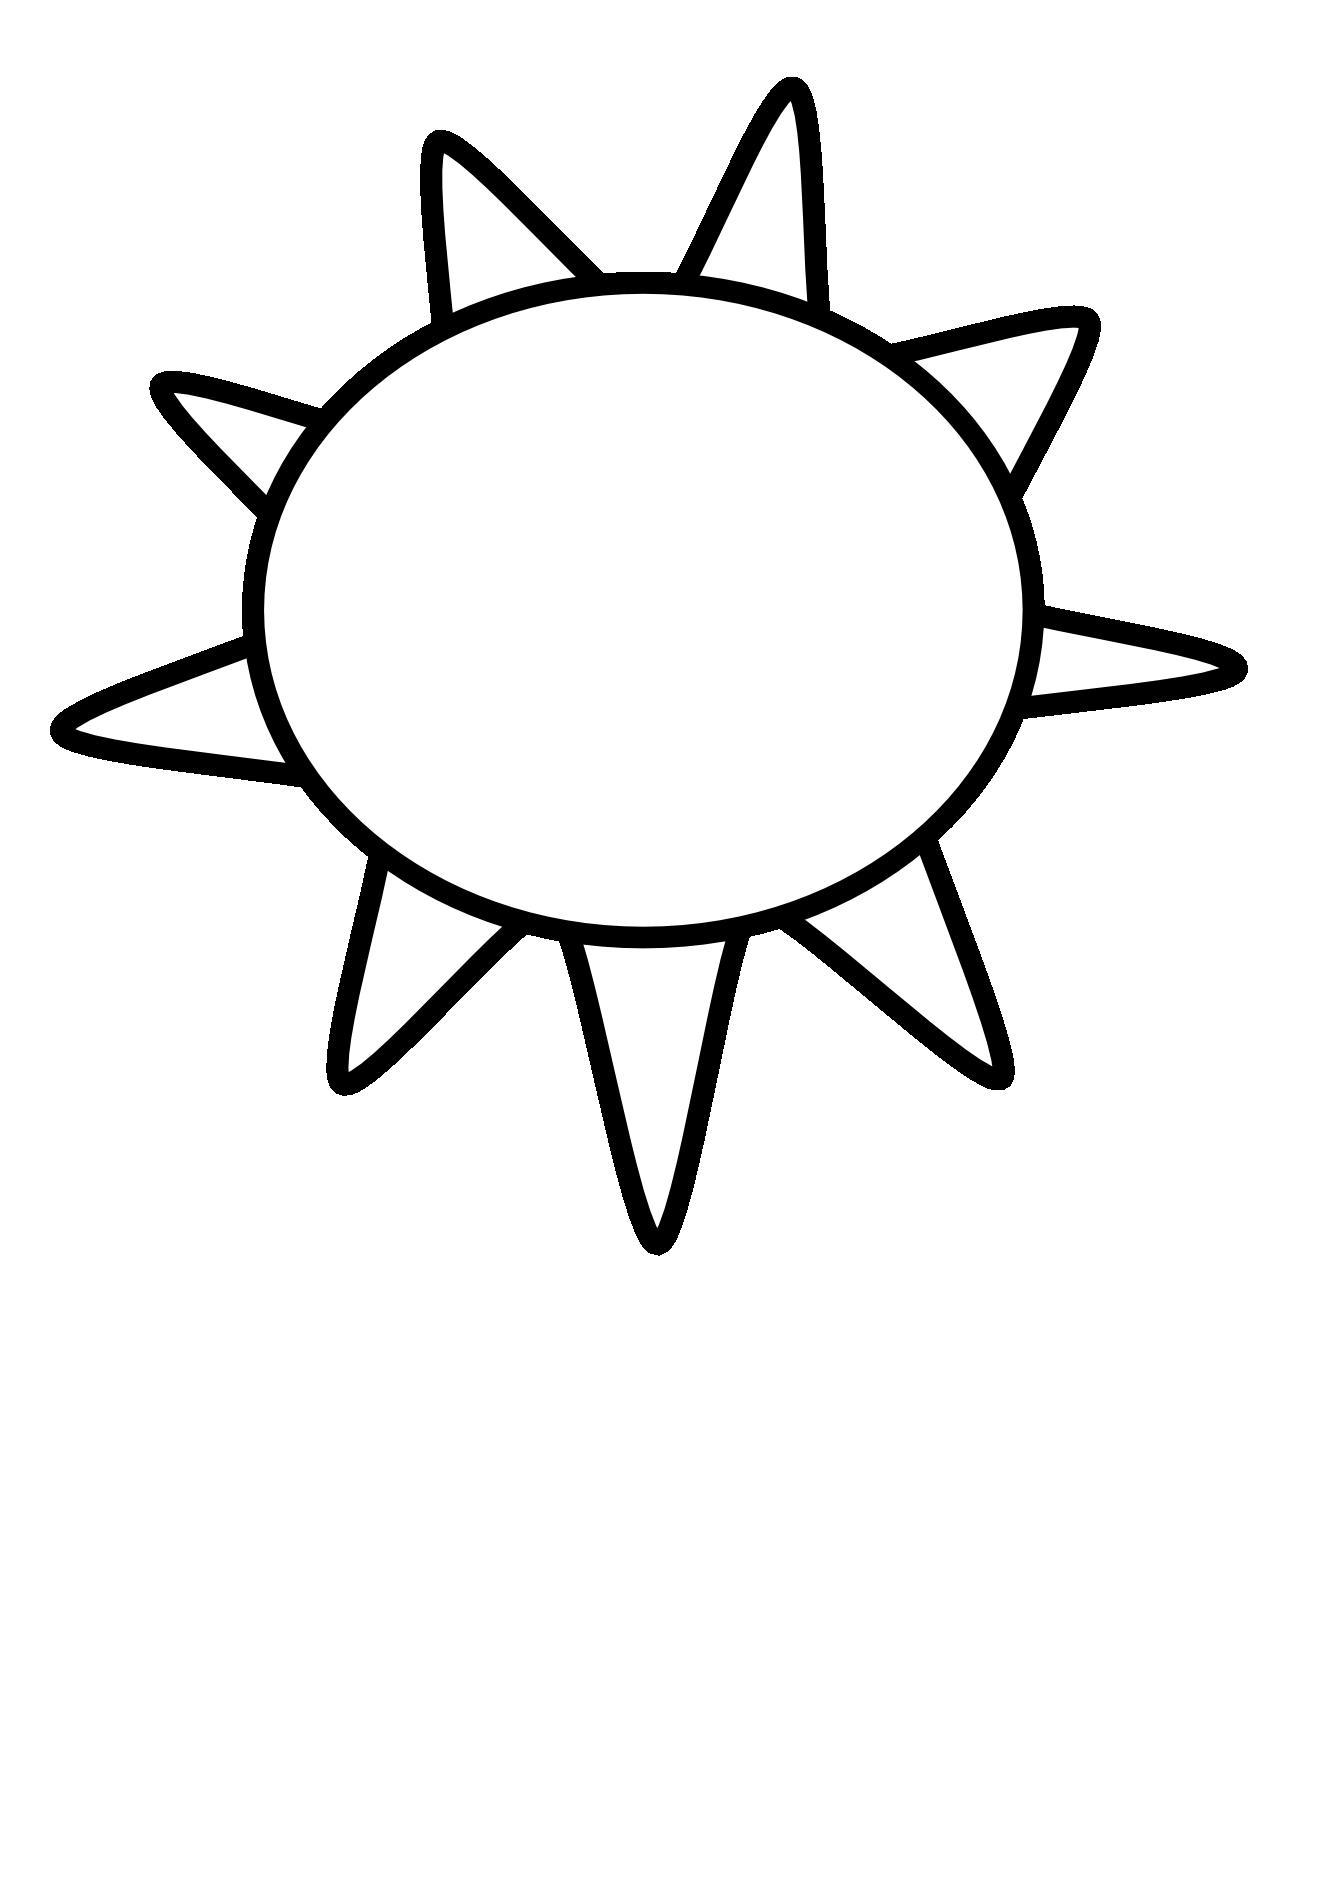 Sun Outline Clipart